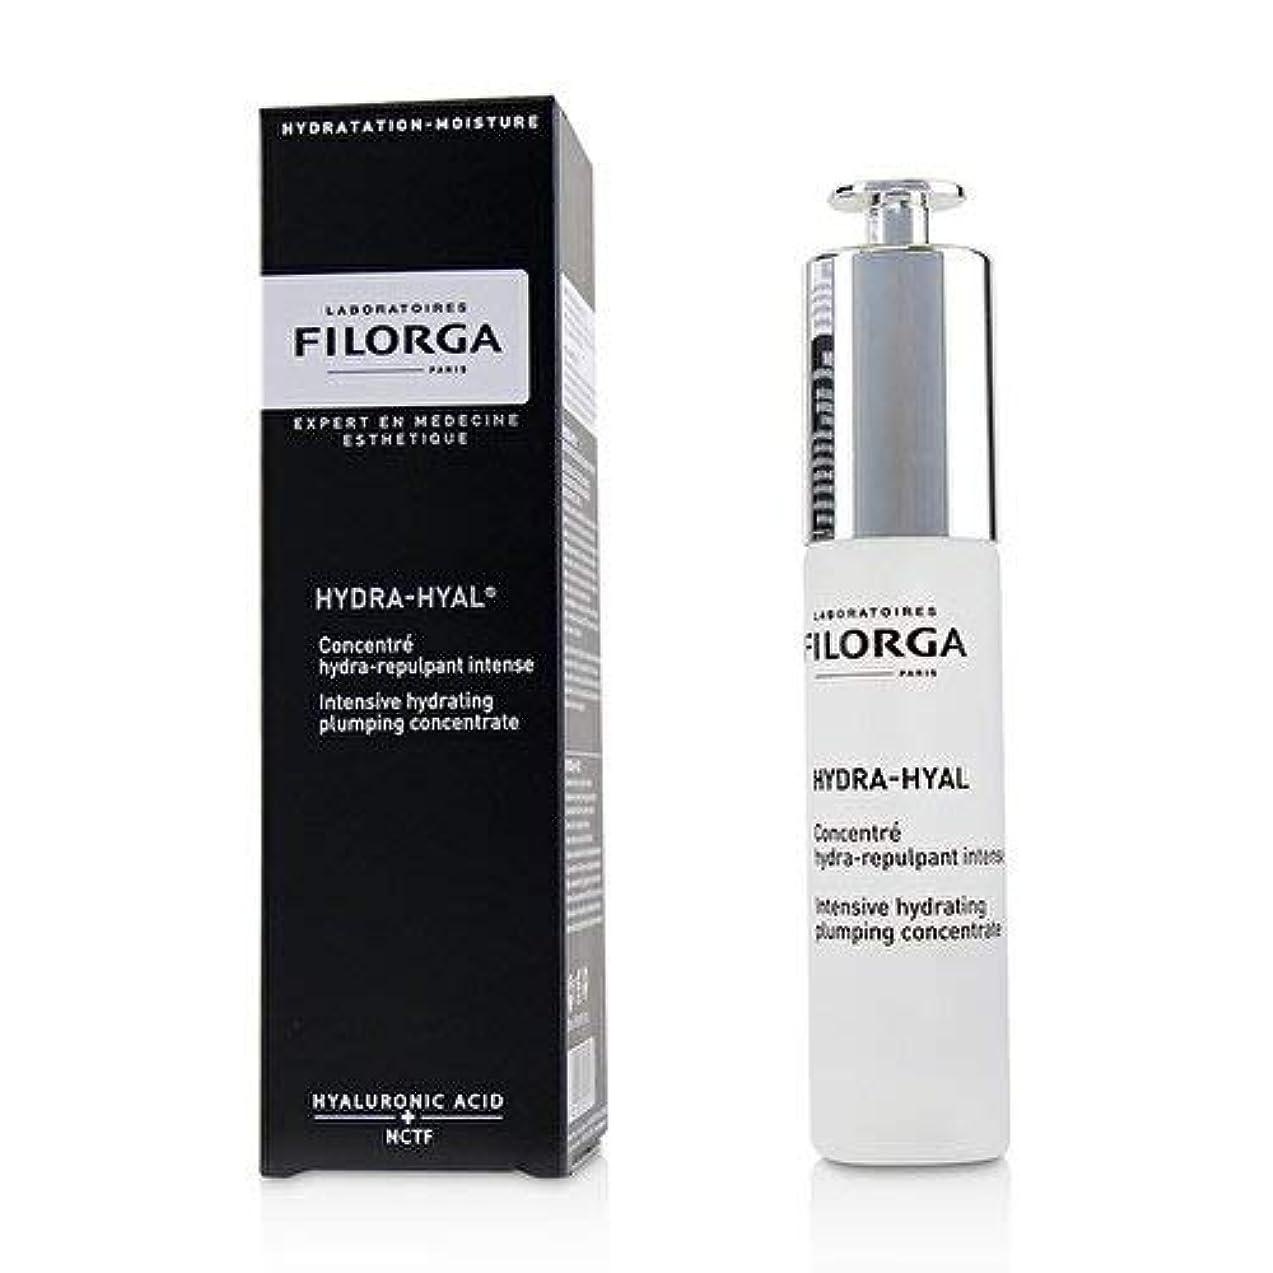 会う子傑出したFilorga Hydra-Hyal Intensive Hydrating Plumping Concentrate 1V1320DM/359720 30ml/1oz並行輸入品